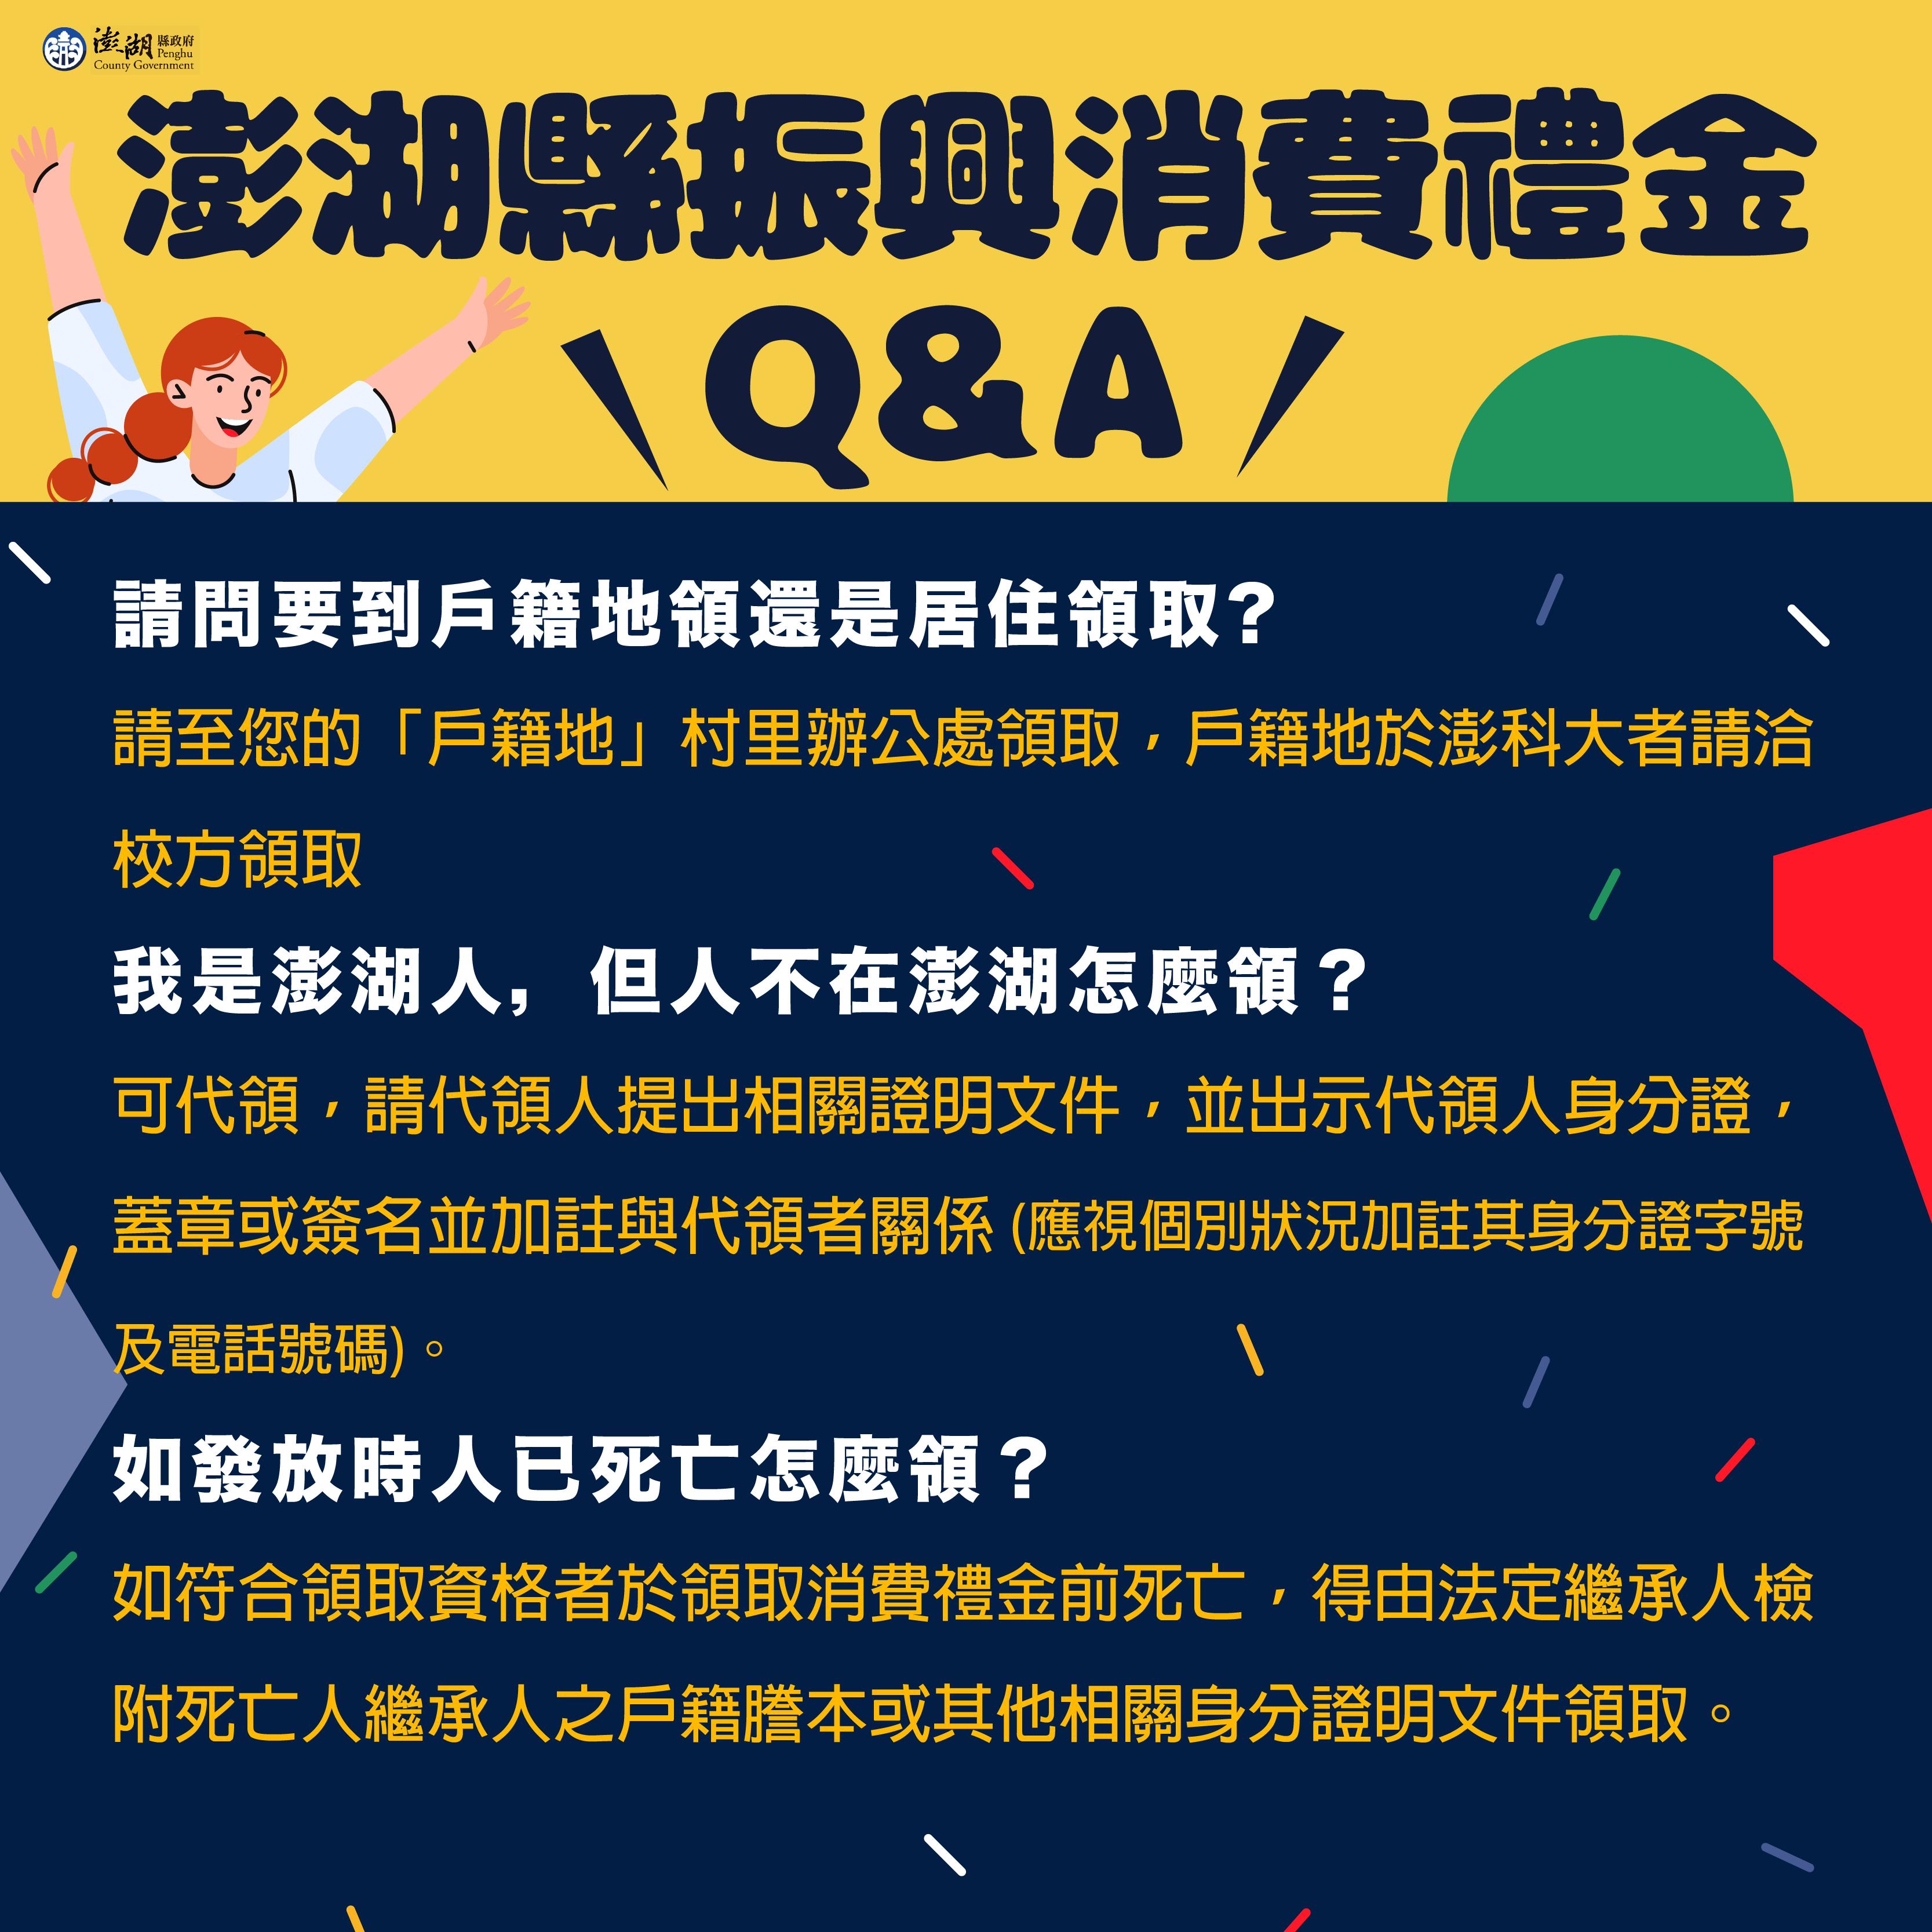 澎湖縣振興經濟消費禮金Q&A-1